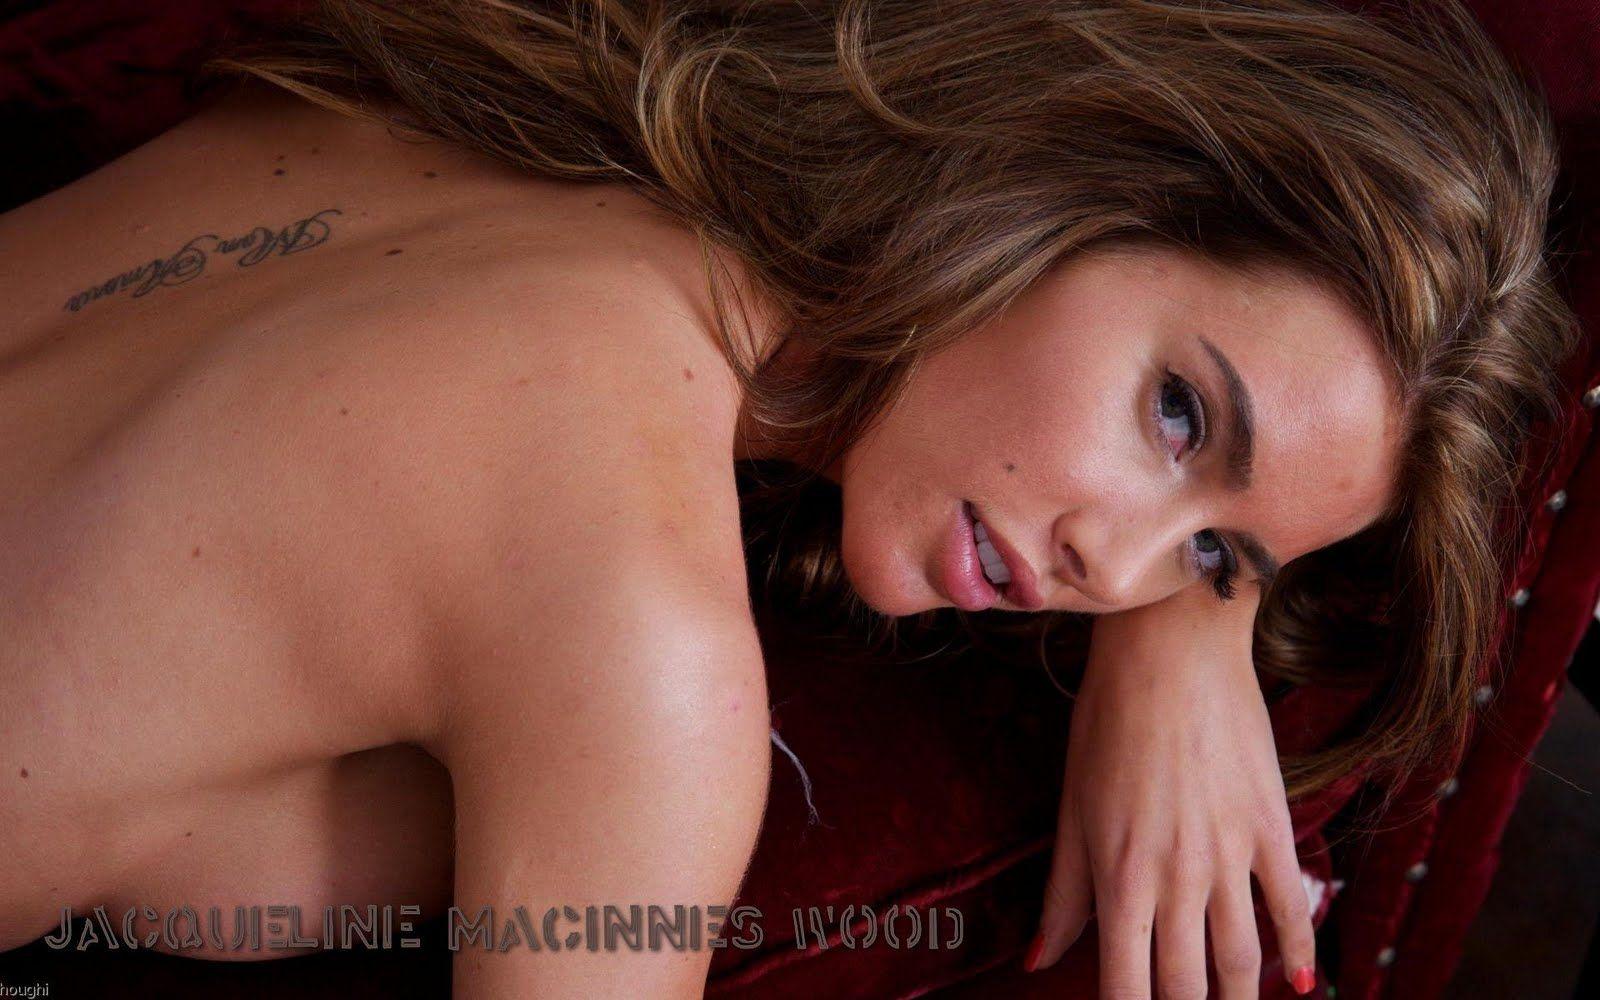 jacqueline macinnes wood actor nude